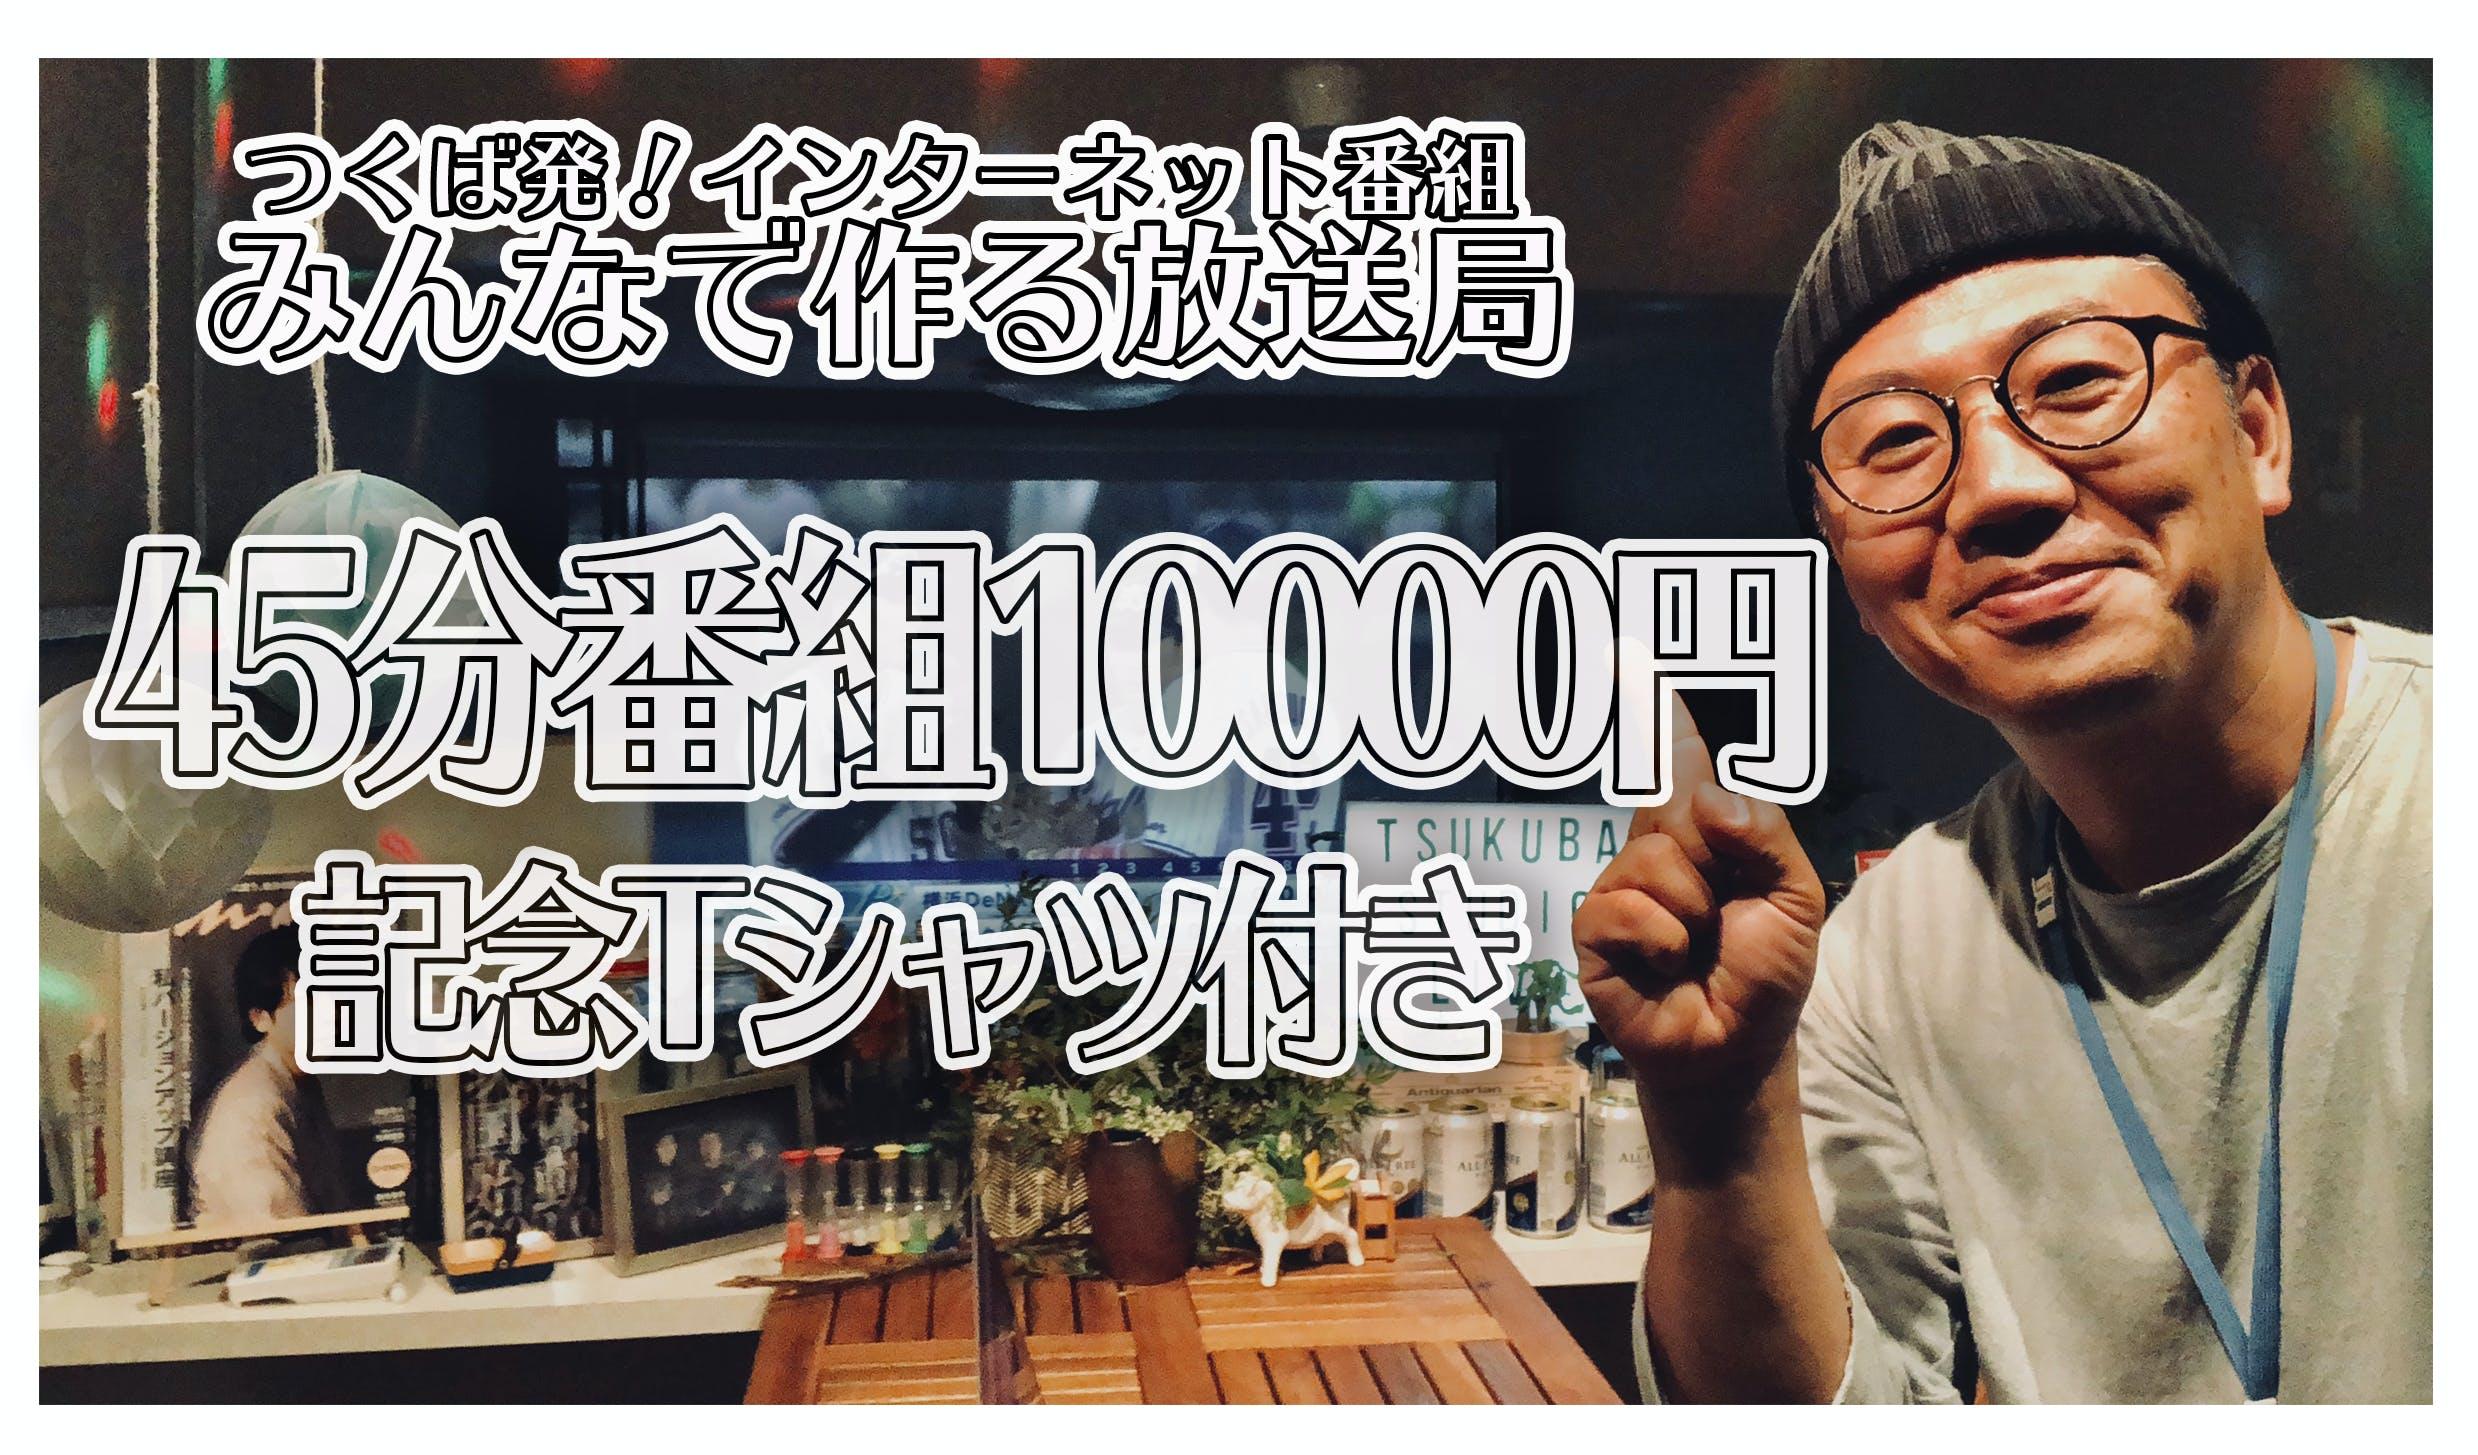 キャンプファイヤー 45分10000円